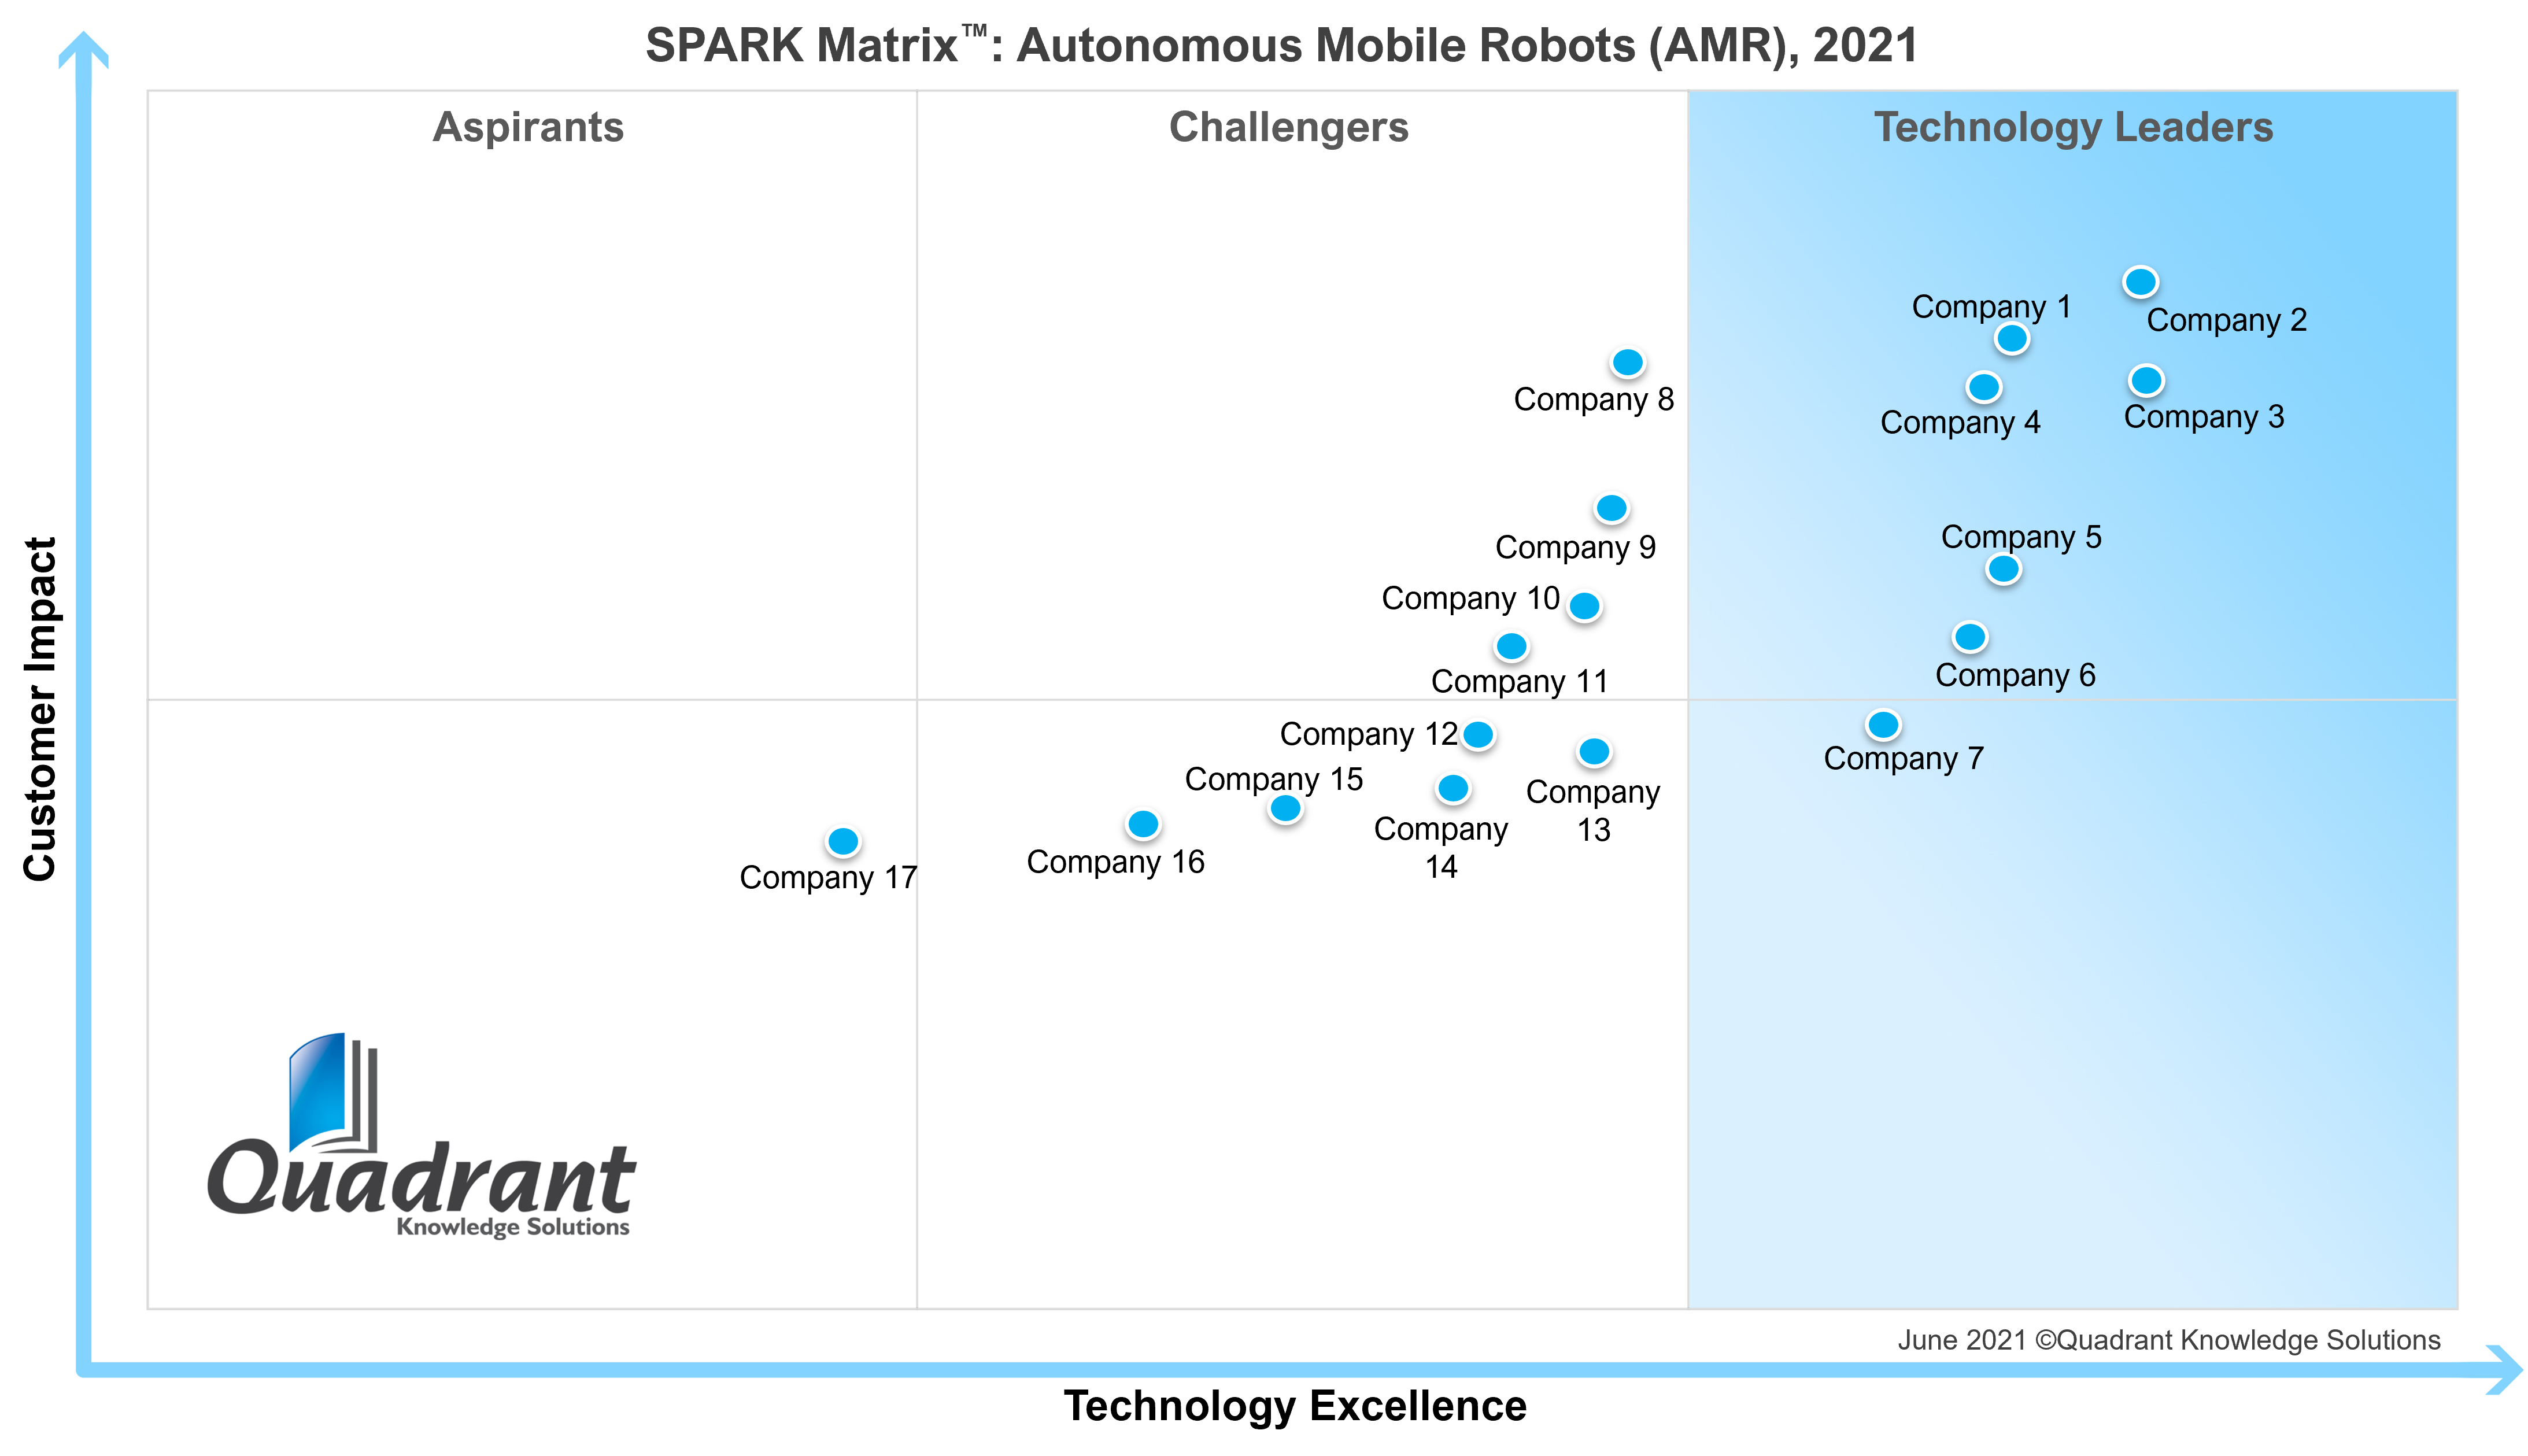 AMR_SPARK Matrix